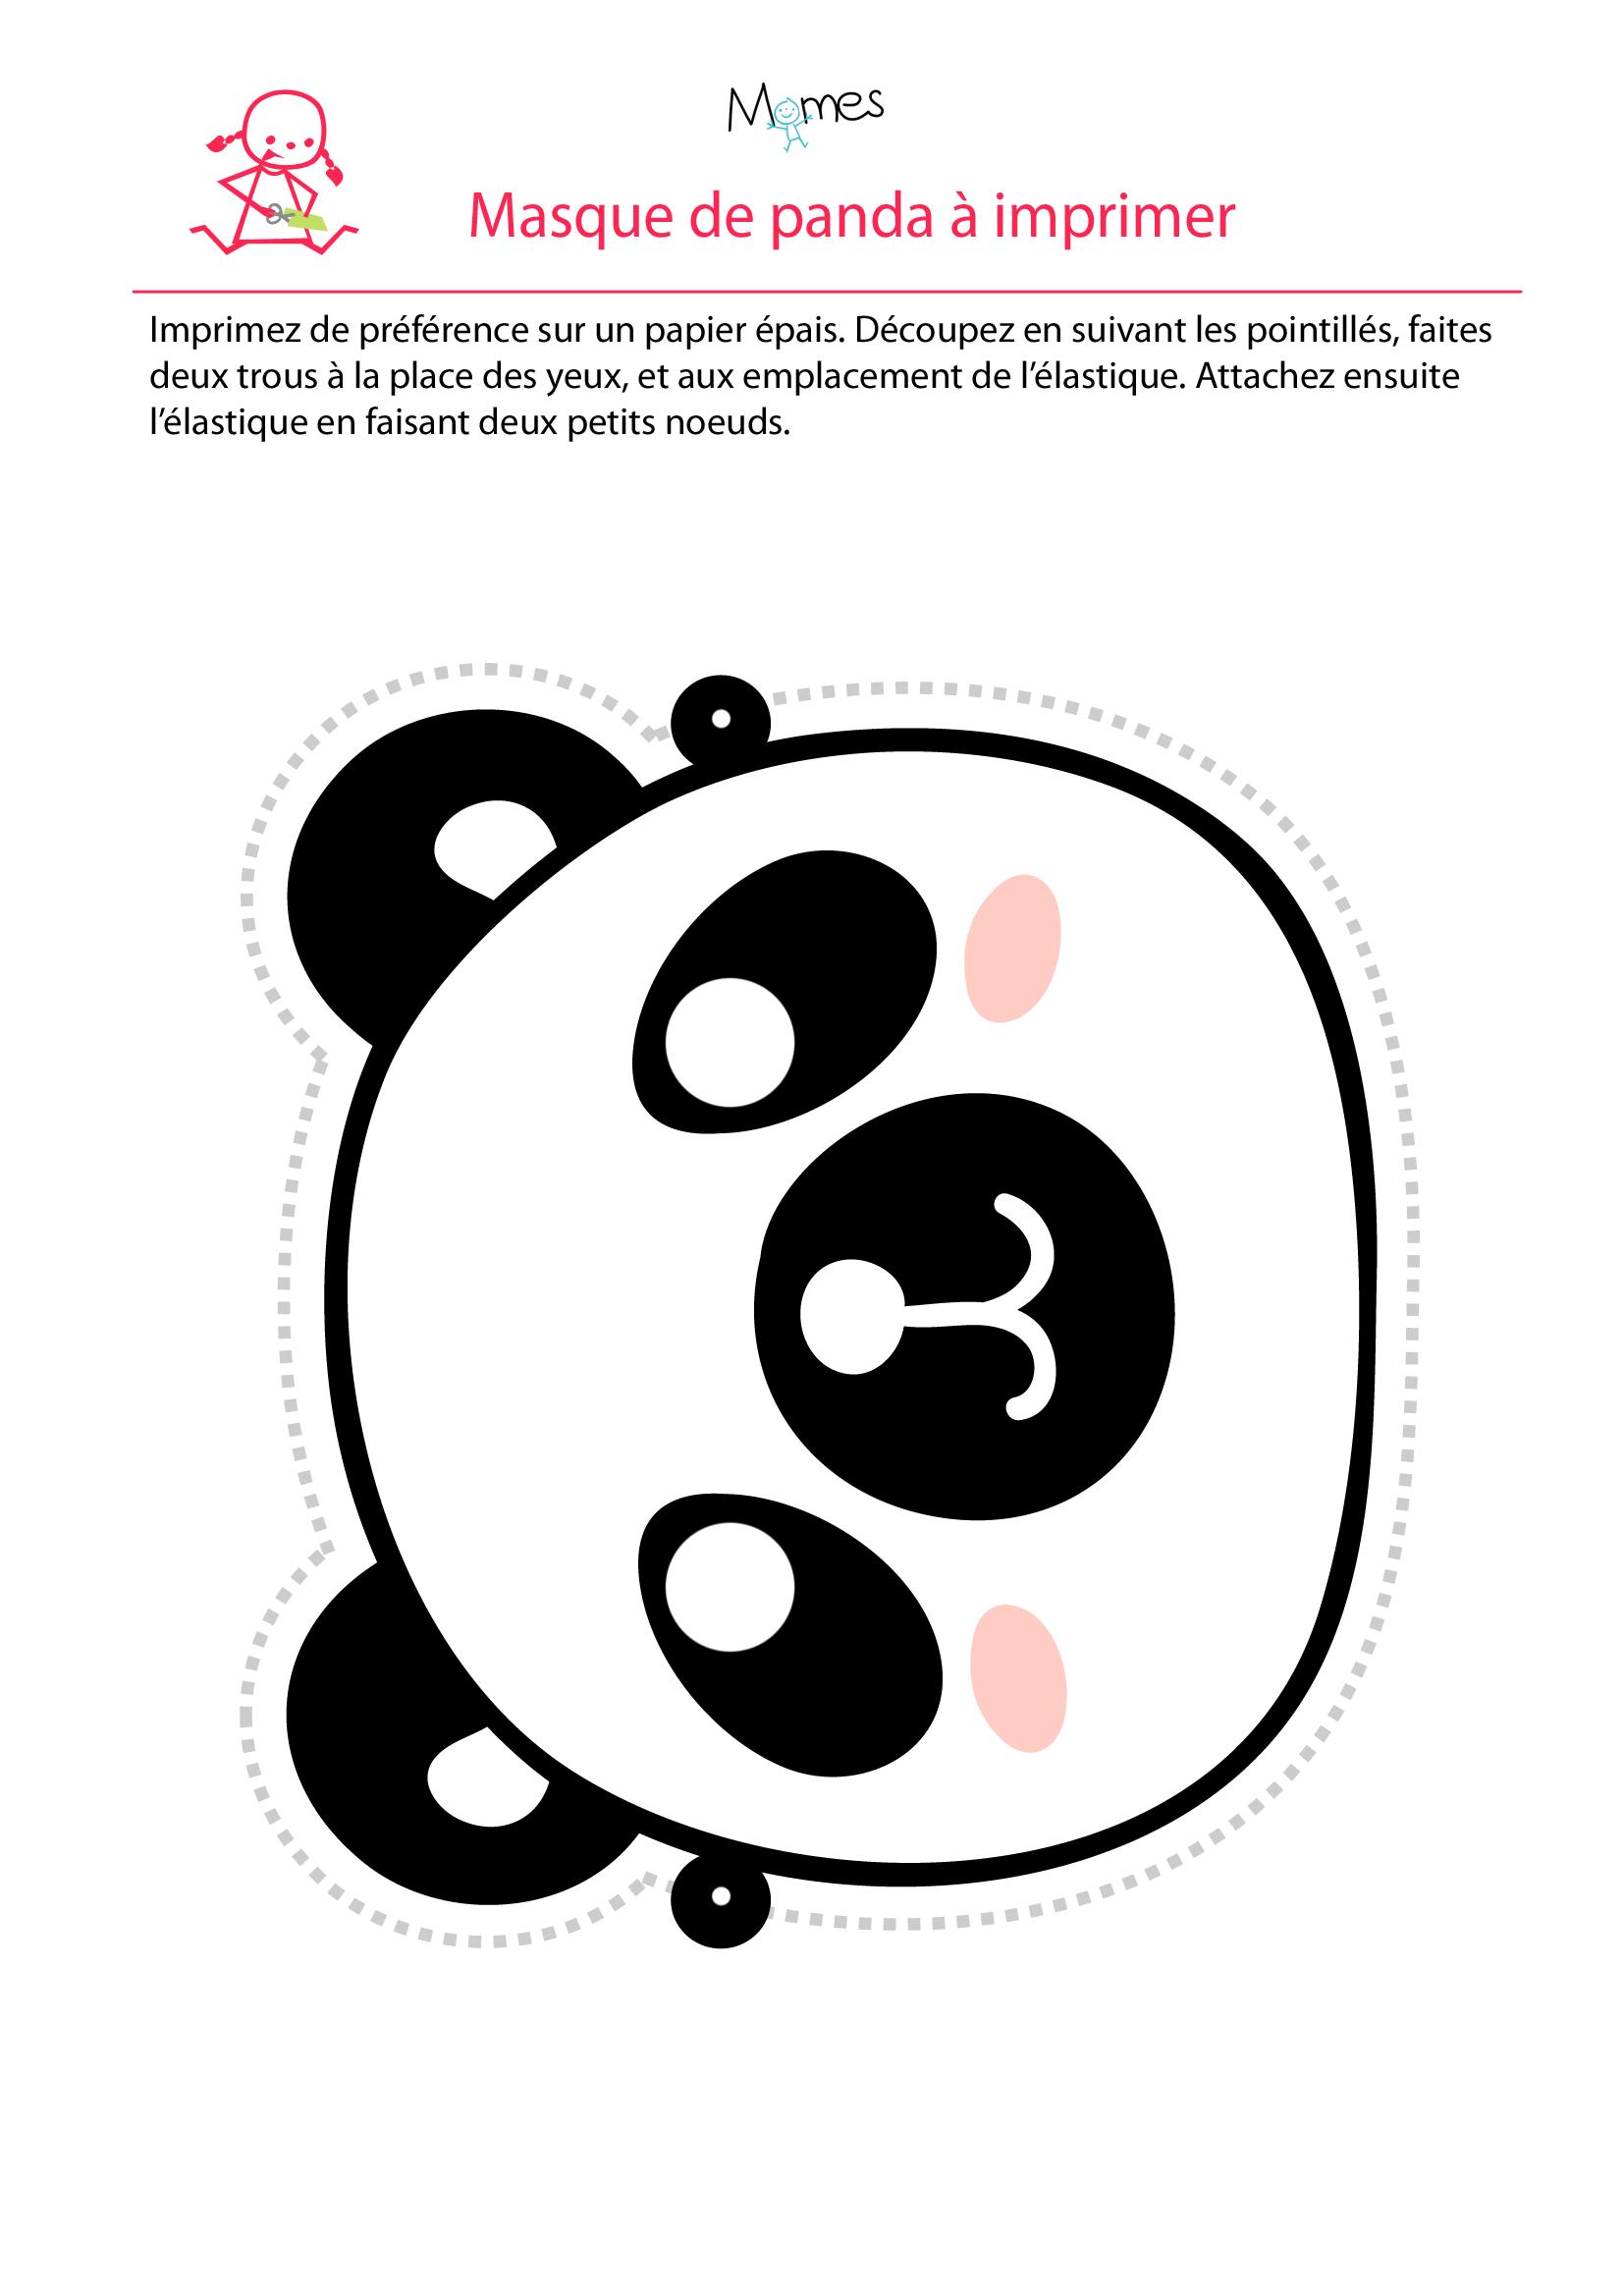 Masque de panda à imprimer